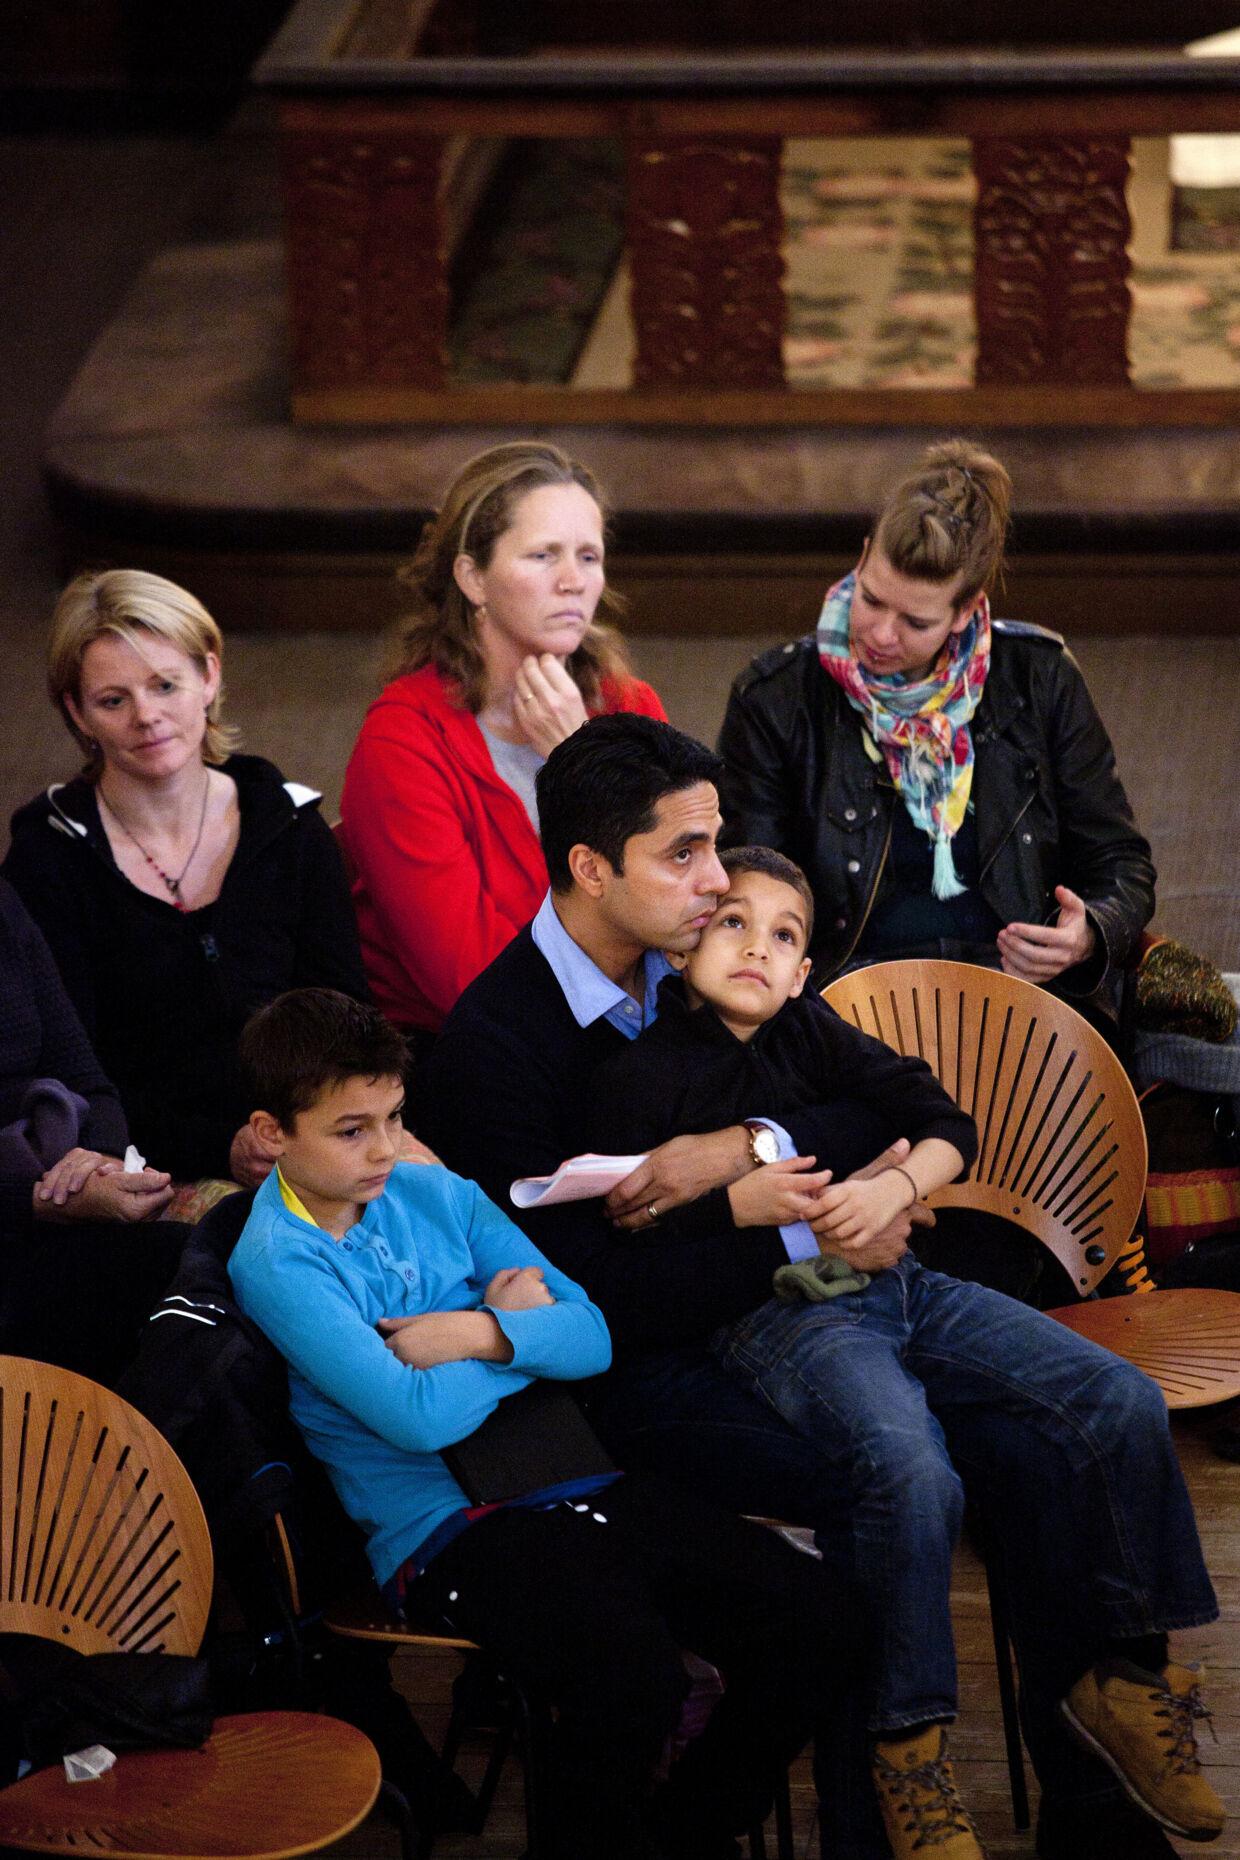 Kirkeminister Manu Sareen på job – her med børnene Felix og Alvin til 'Bøn & Brunch' i Brorsons Kirke på Nørrebro. Foto: Linda Henriksen.